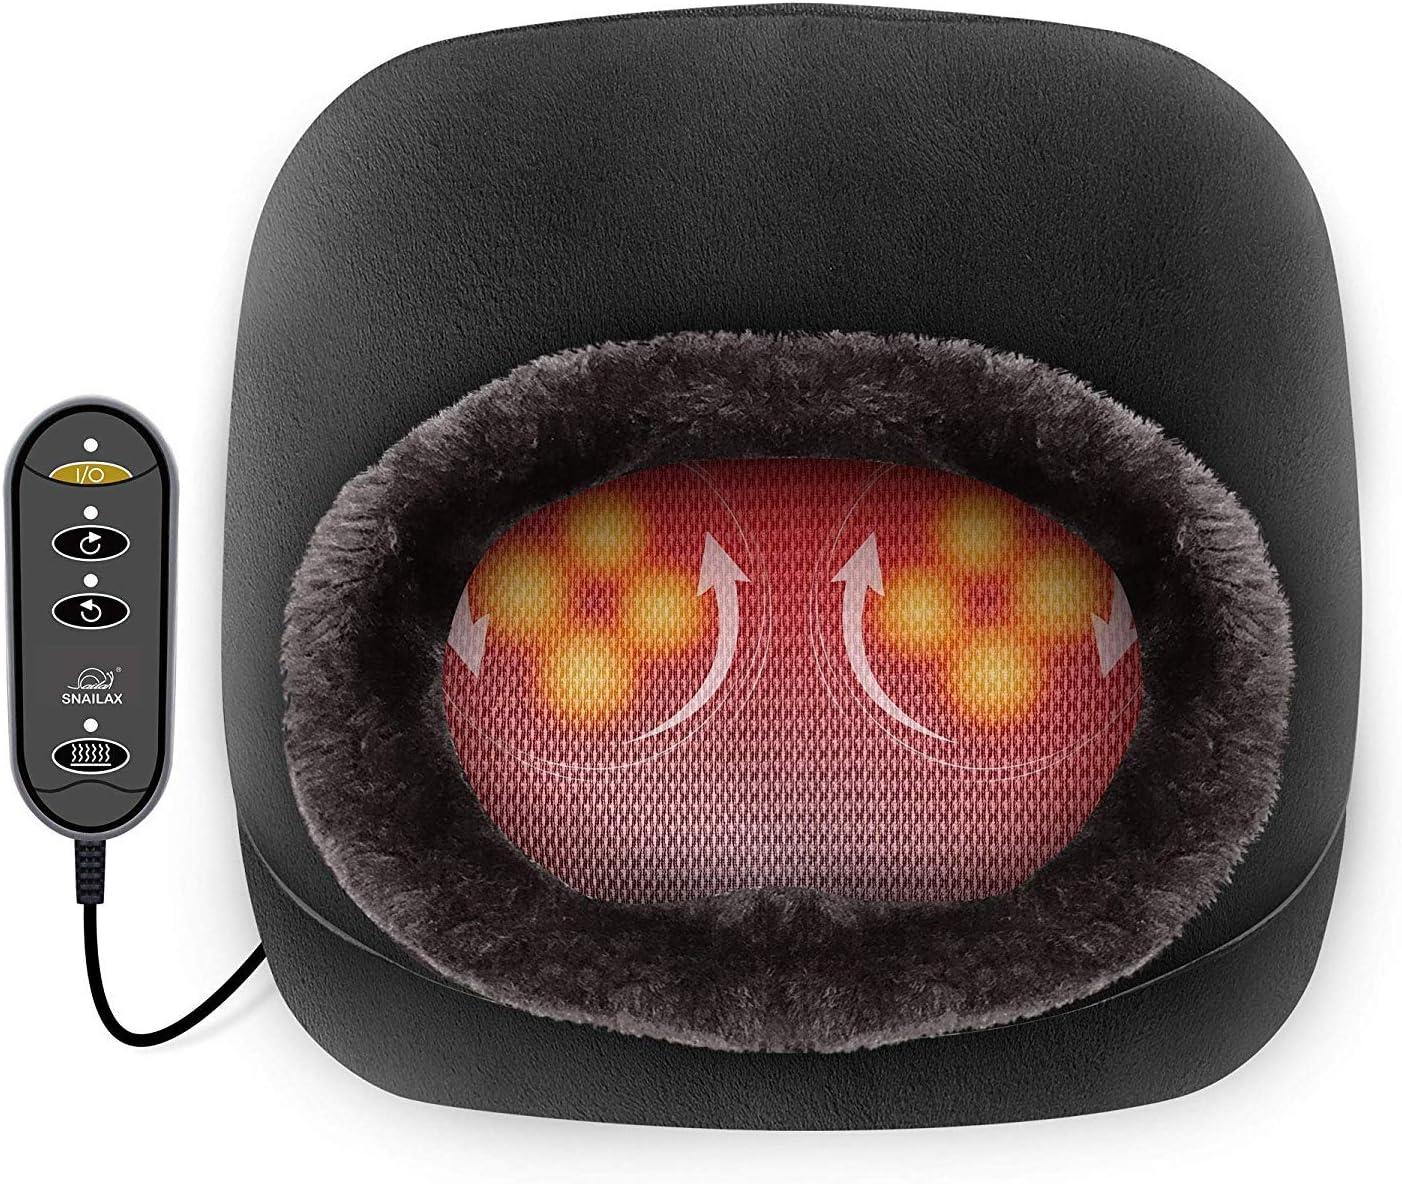 Snailax 2 en 1 Masaje de pies Shiatsu Calefacción- Masajeador de pies con almohadilla de calor y masaje de espalda, calentador de pies y alivio del dolor de pies SL522S-ES